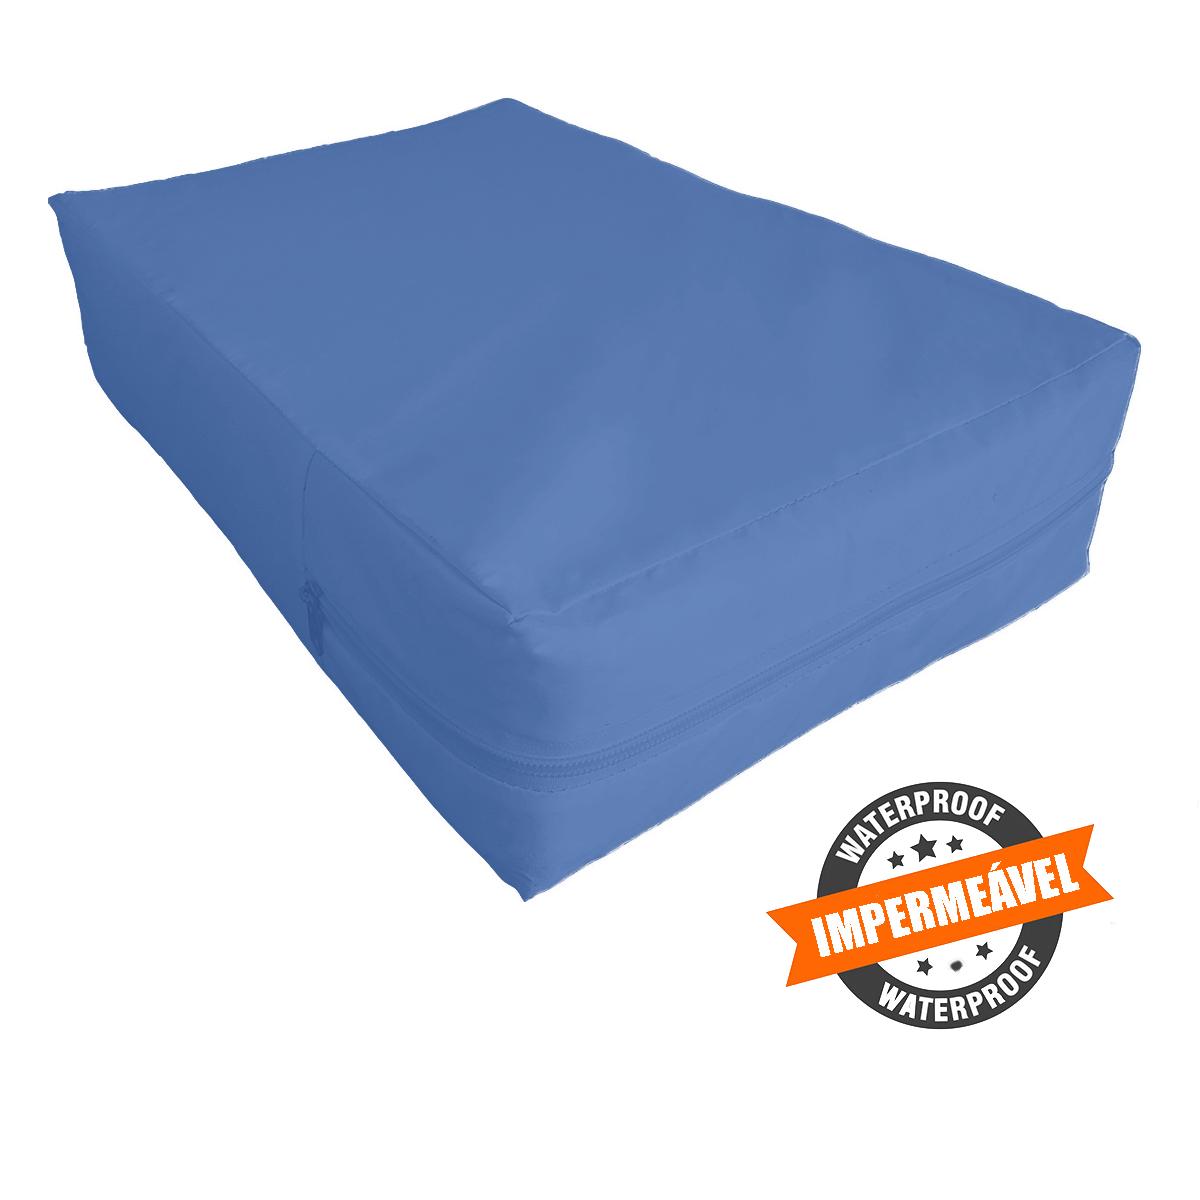 Capa impermeável para colchão King fabricada em napa hospitalar Azul  - Miranda Colchões